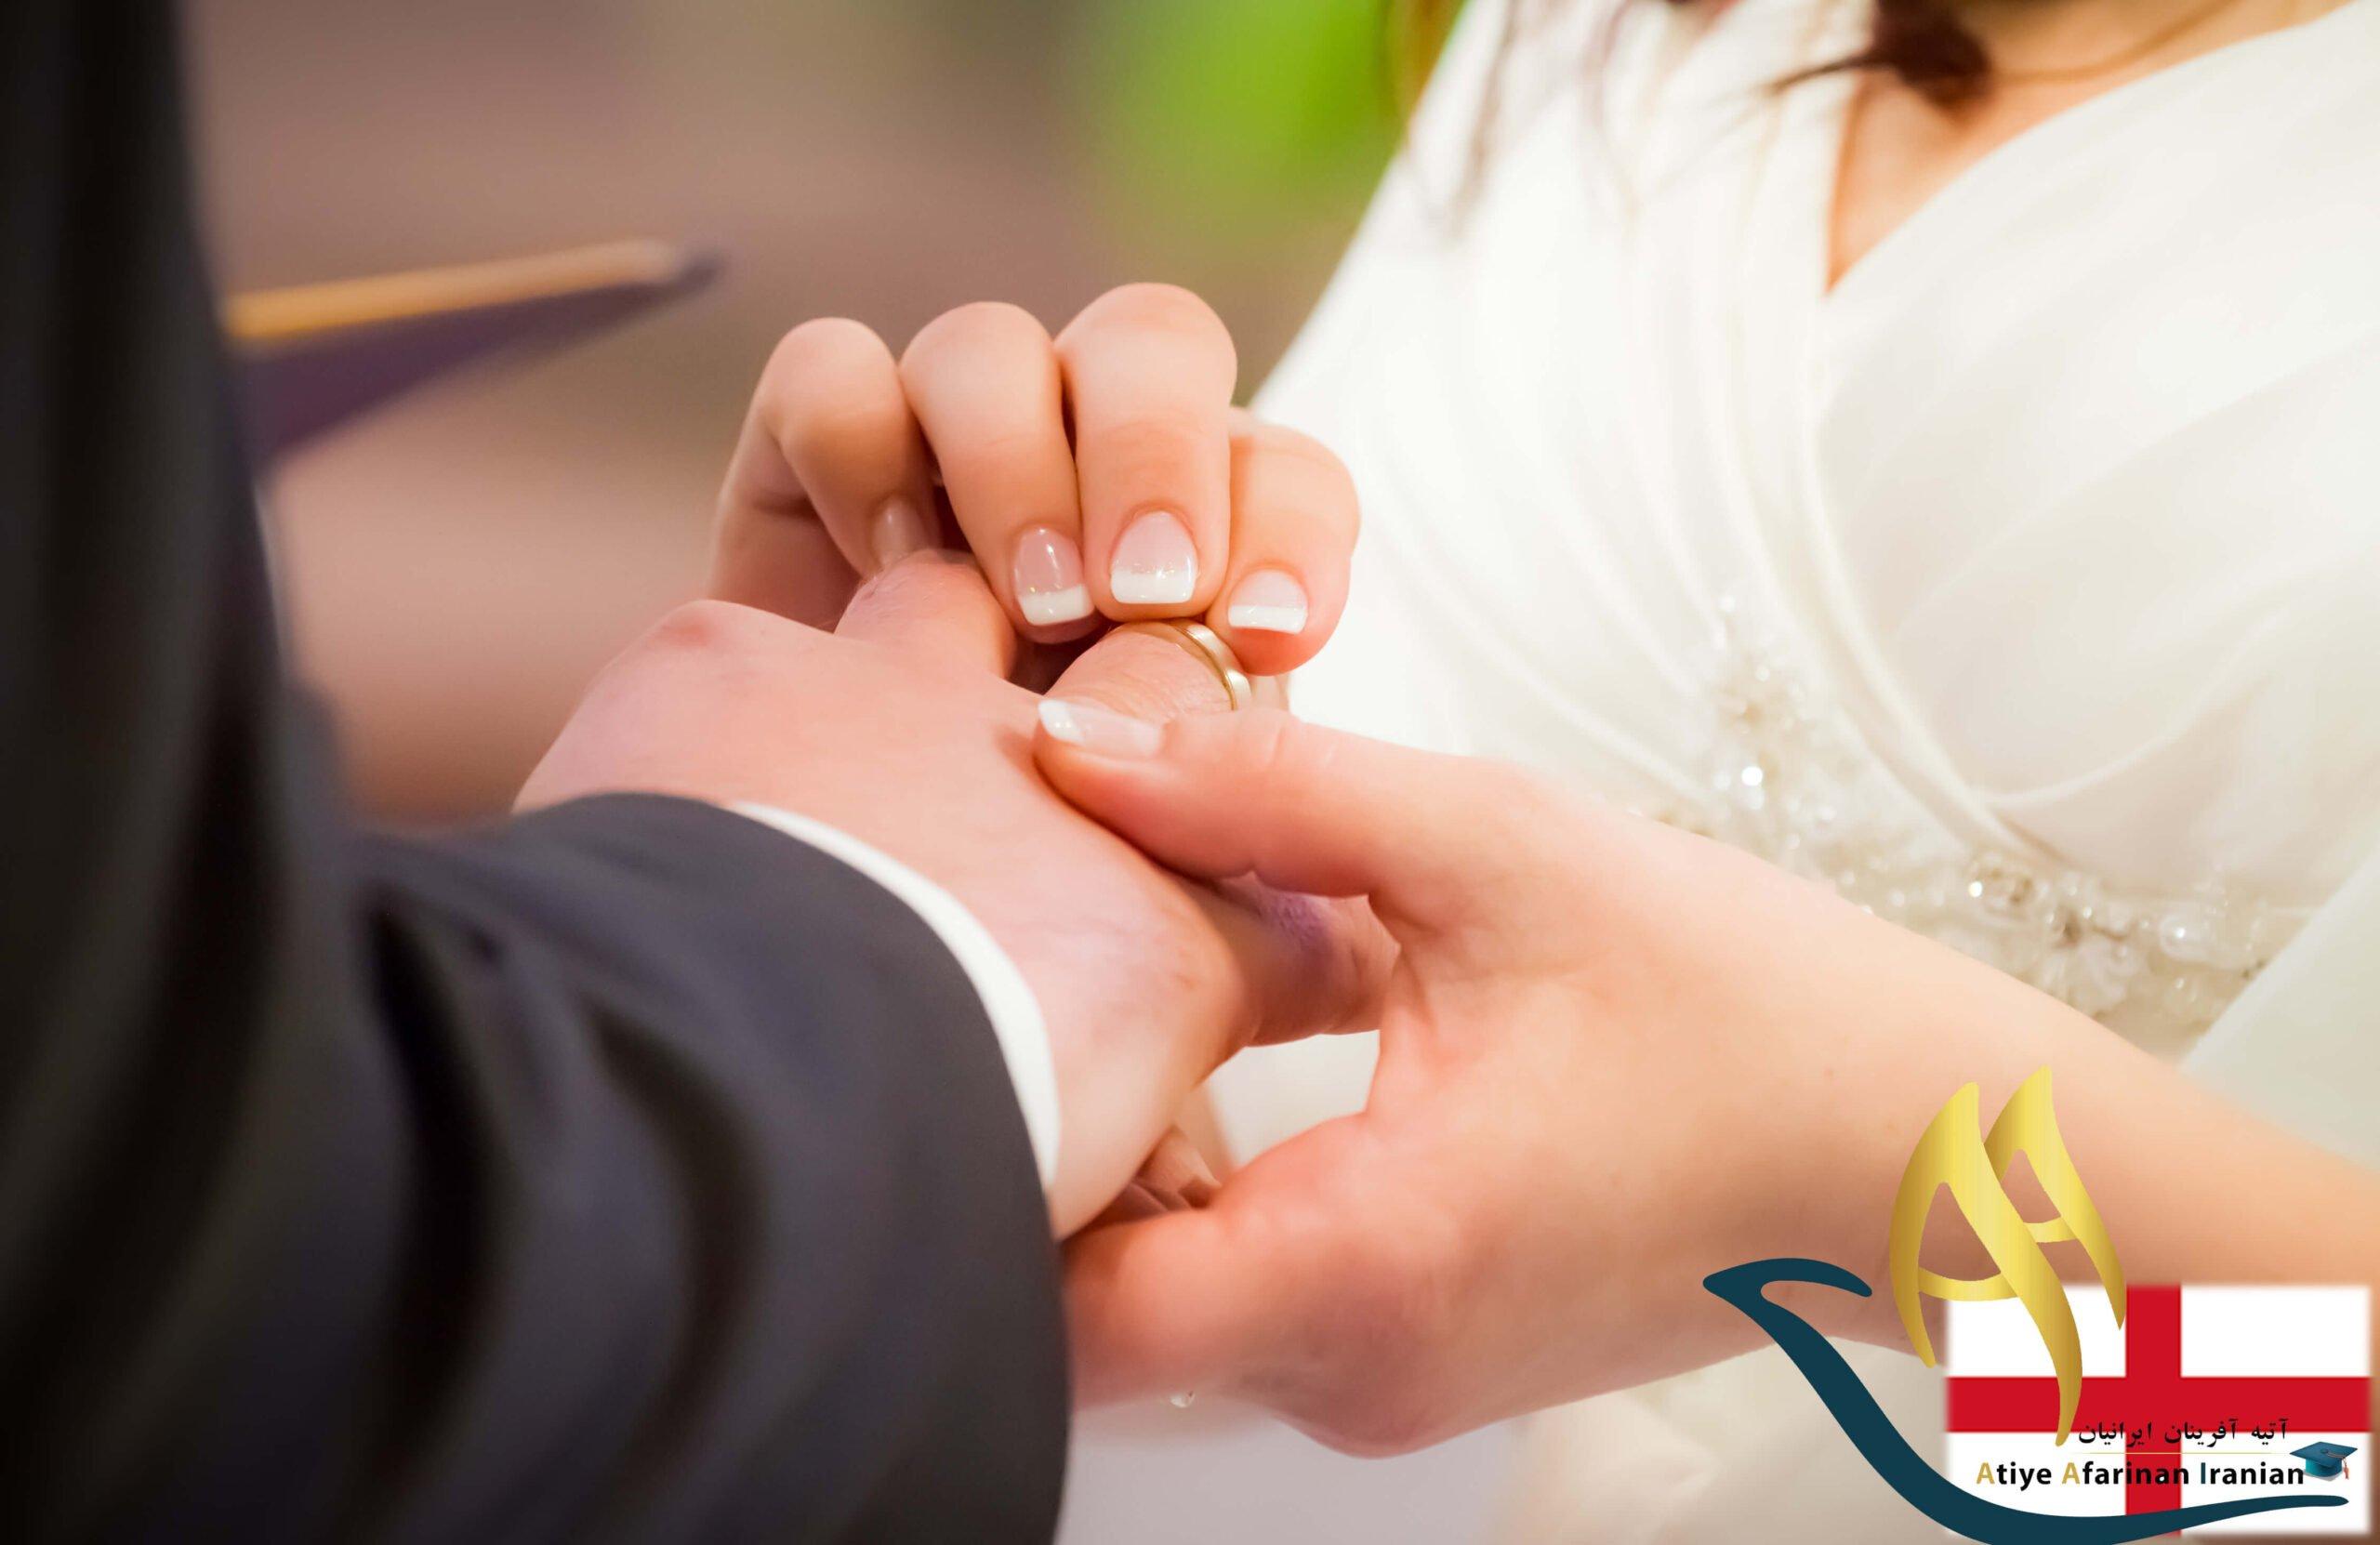 مهاجرت به انگلیس از طریق ازدواج